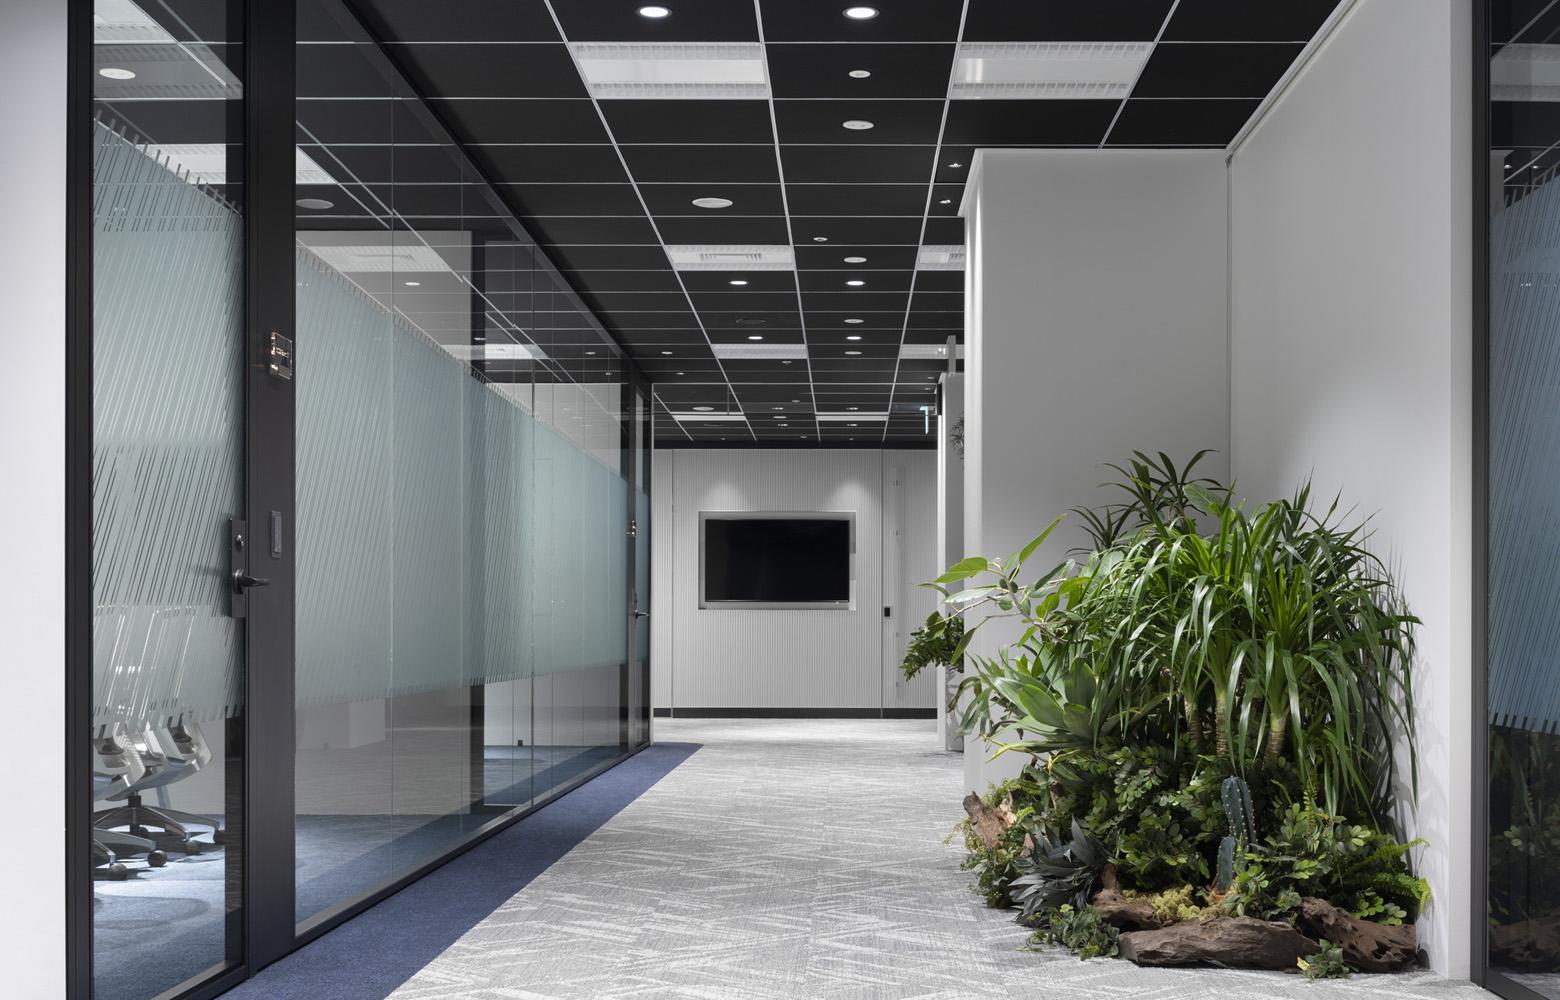 東洋アルミニウム株式会社 Meeting Room_2 デザイン・レイアウト事例